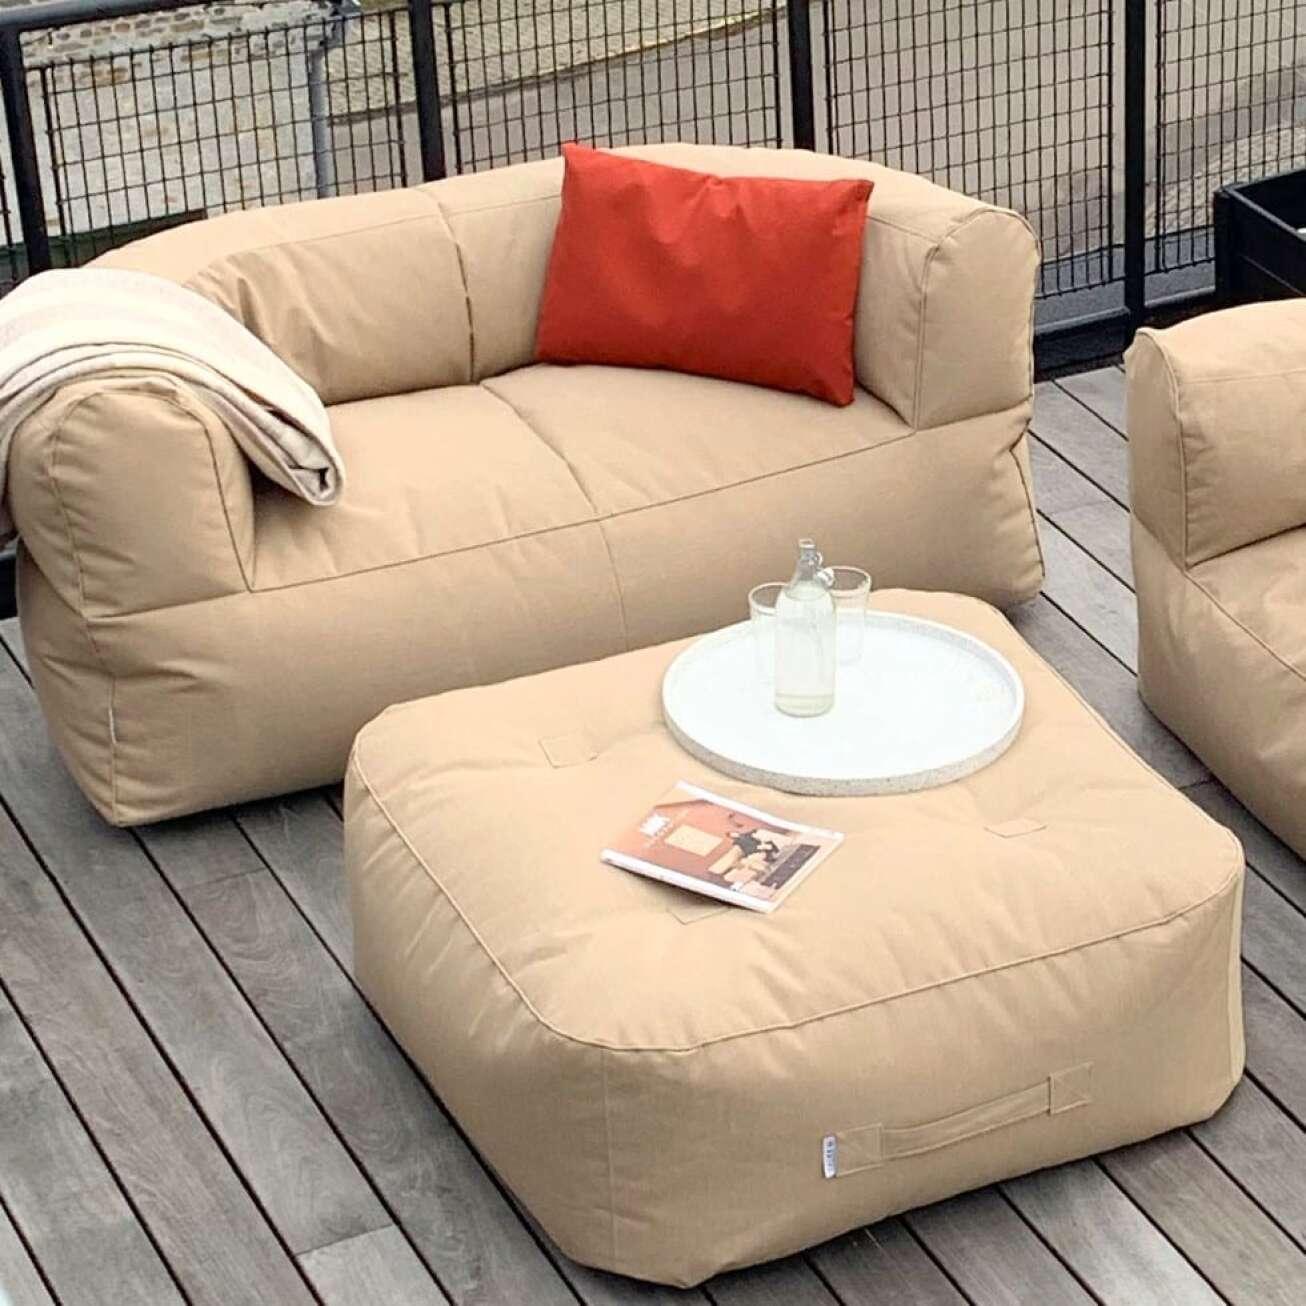 Arm-strong-sofa Hagemøbler og utemøbler - Fine design